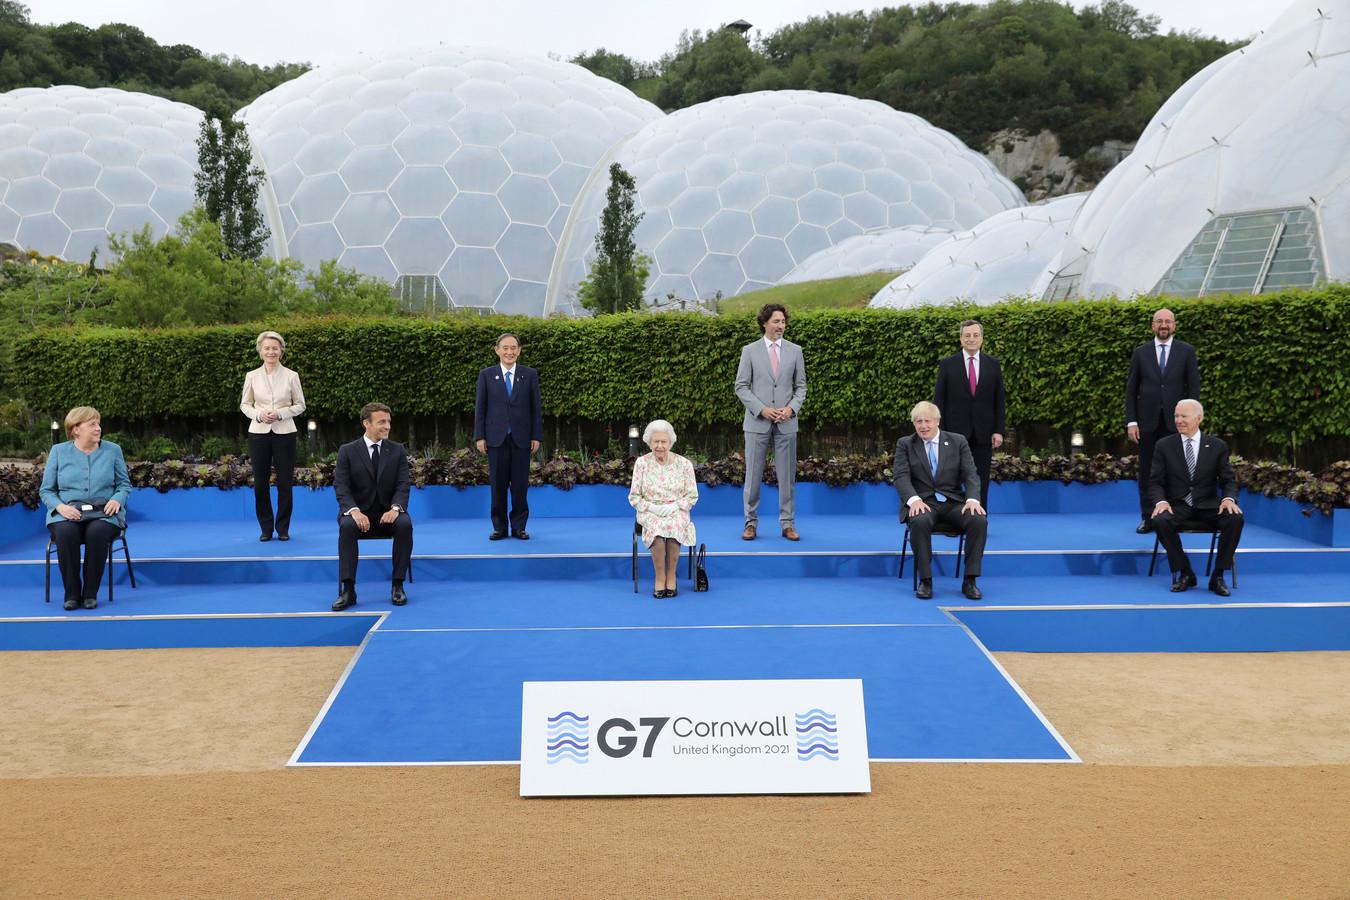 De Britse koningin Elizabeth met de G7-leiders.